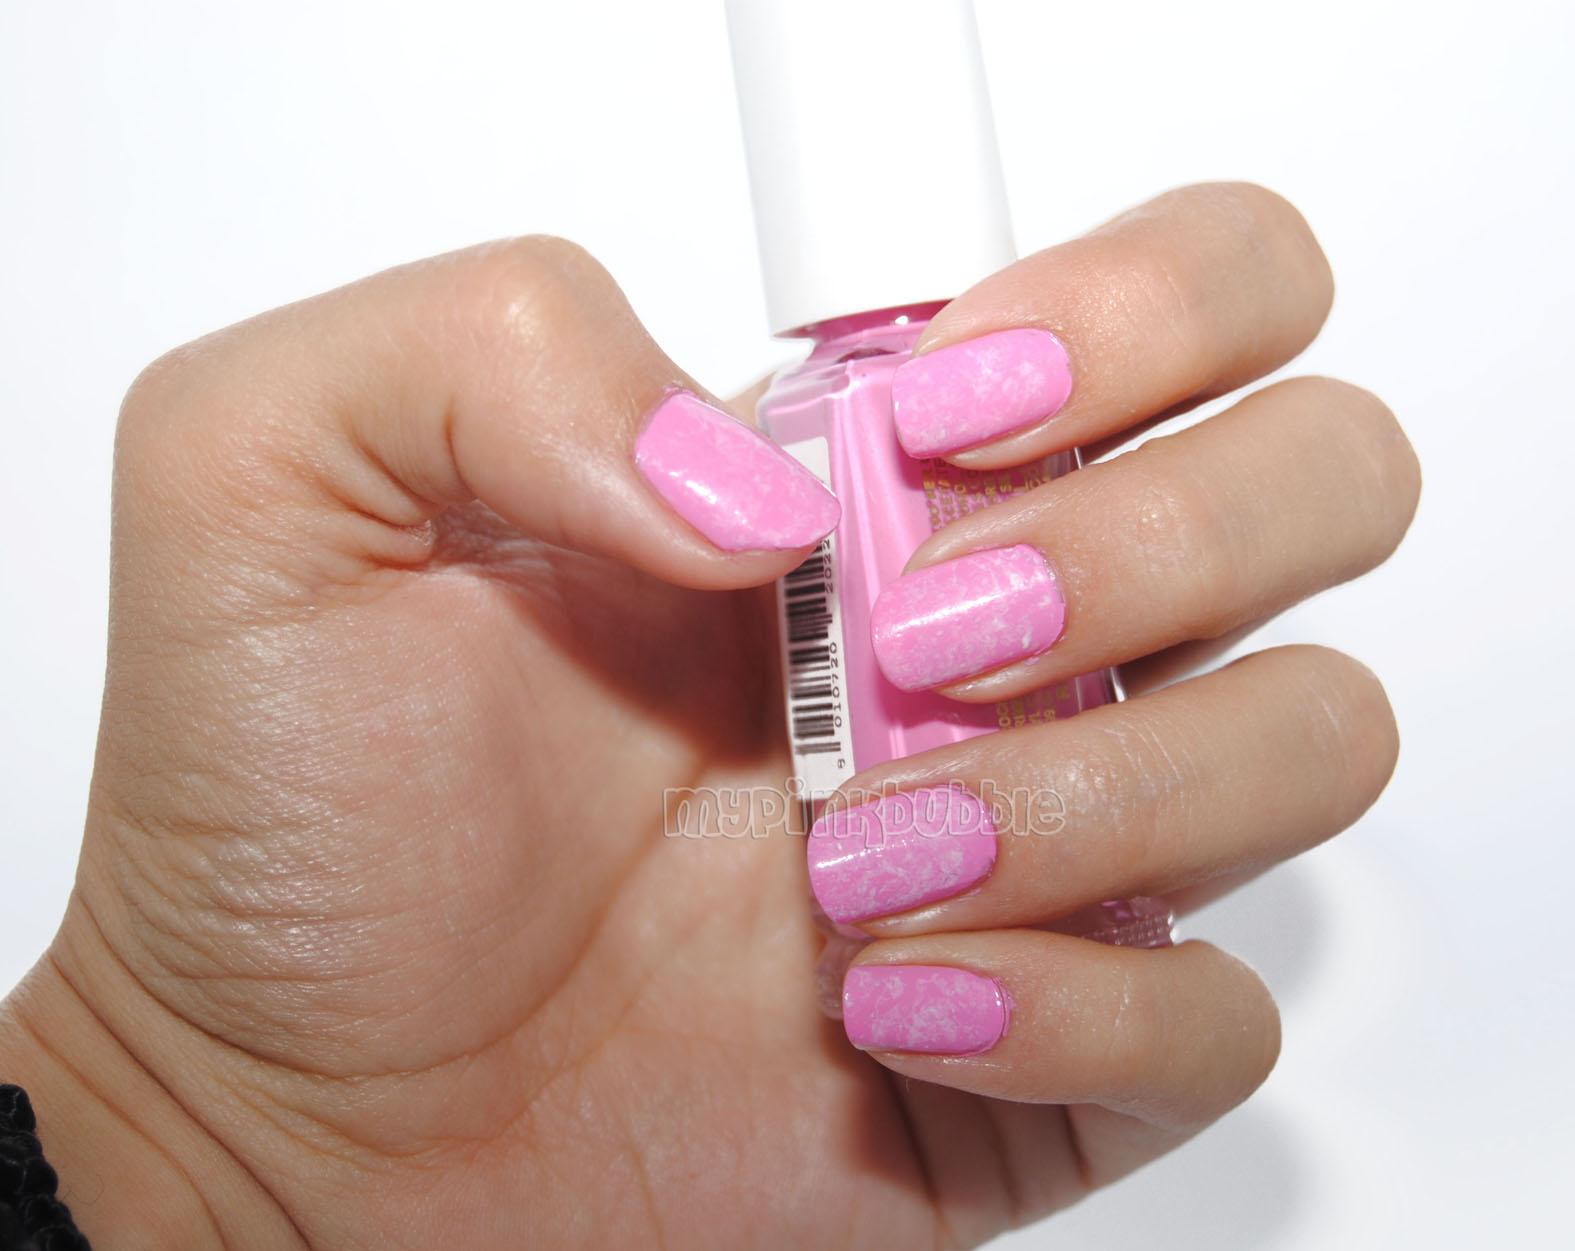 manicura saran wrap rosa